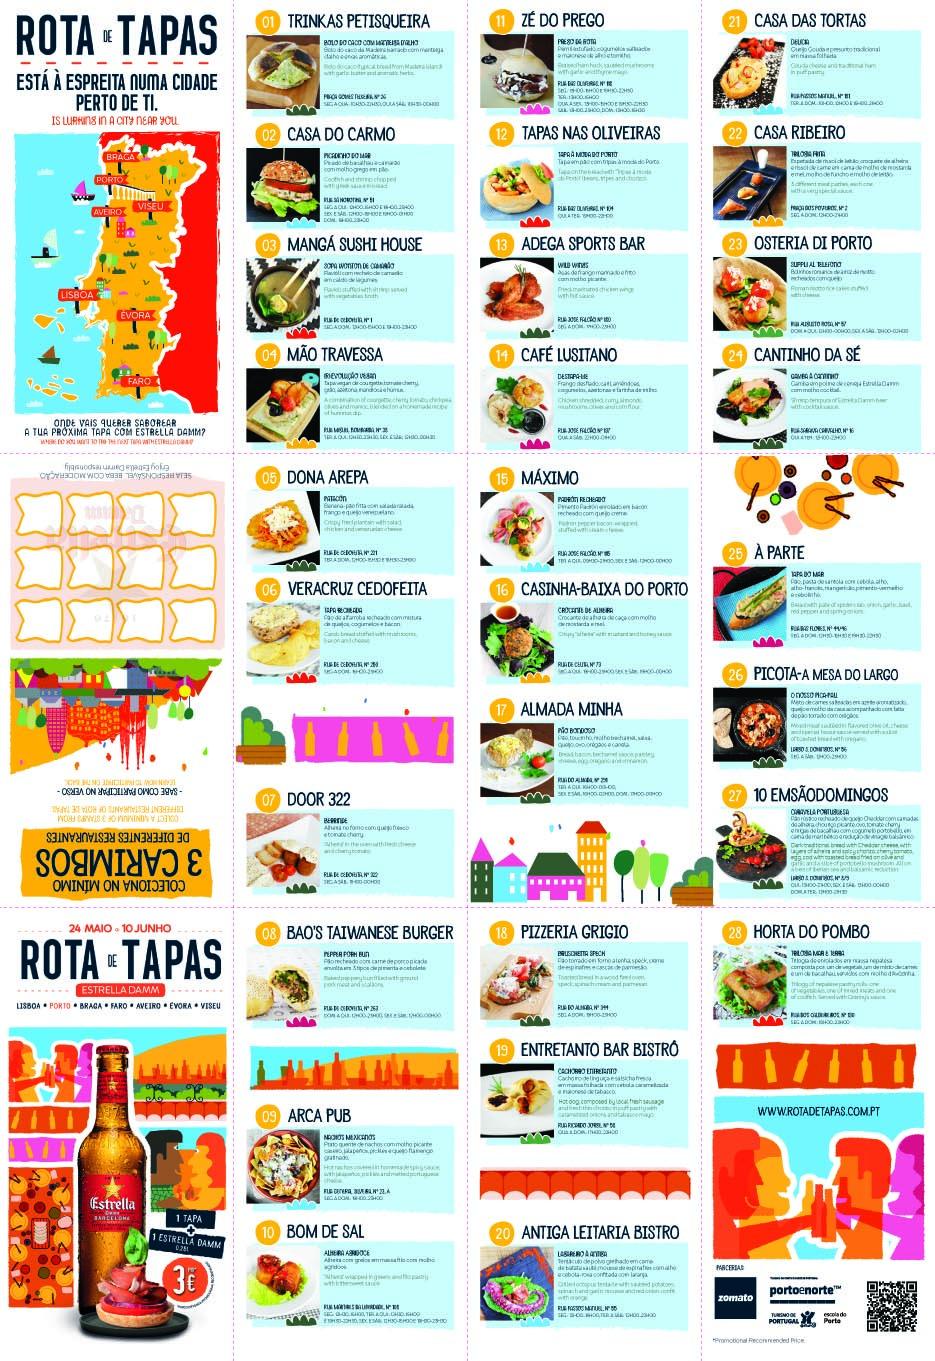 rota_tapa_mapa_porto2